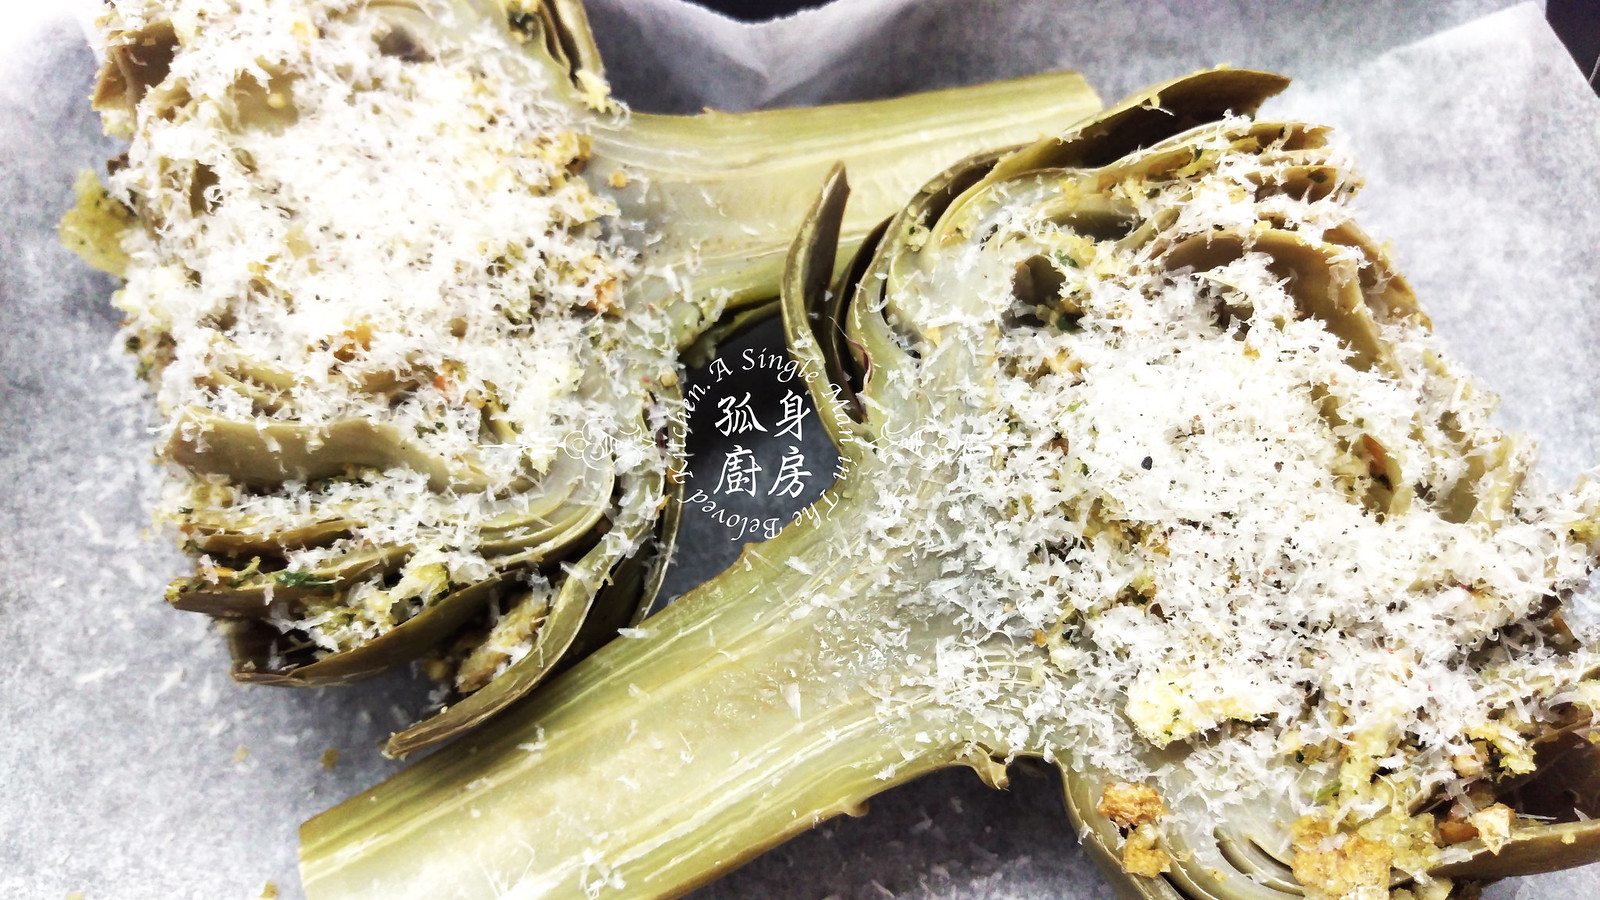 孤身廚房-青醬帕瑪森起司鑲烤朝鮮薊佐簡易油醋蘿蔓沙拉19